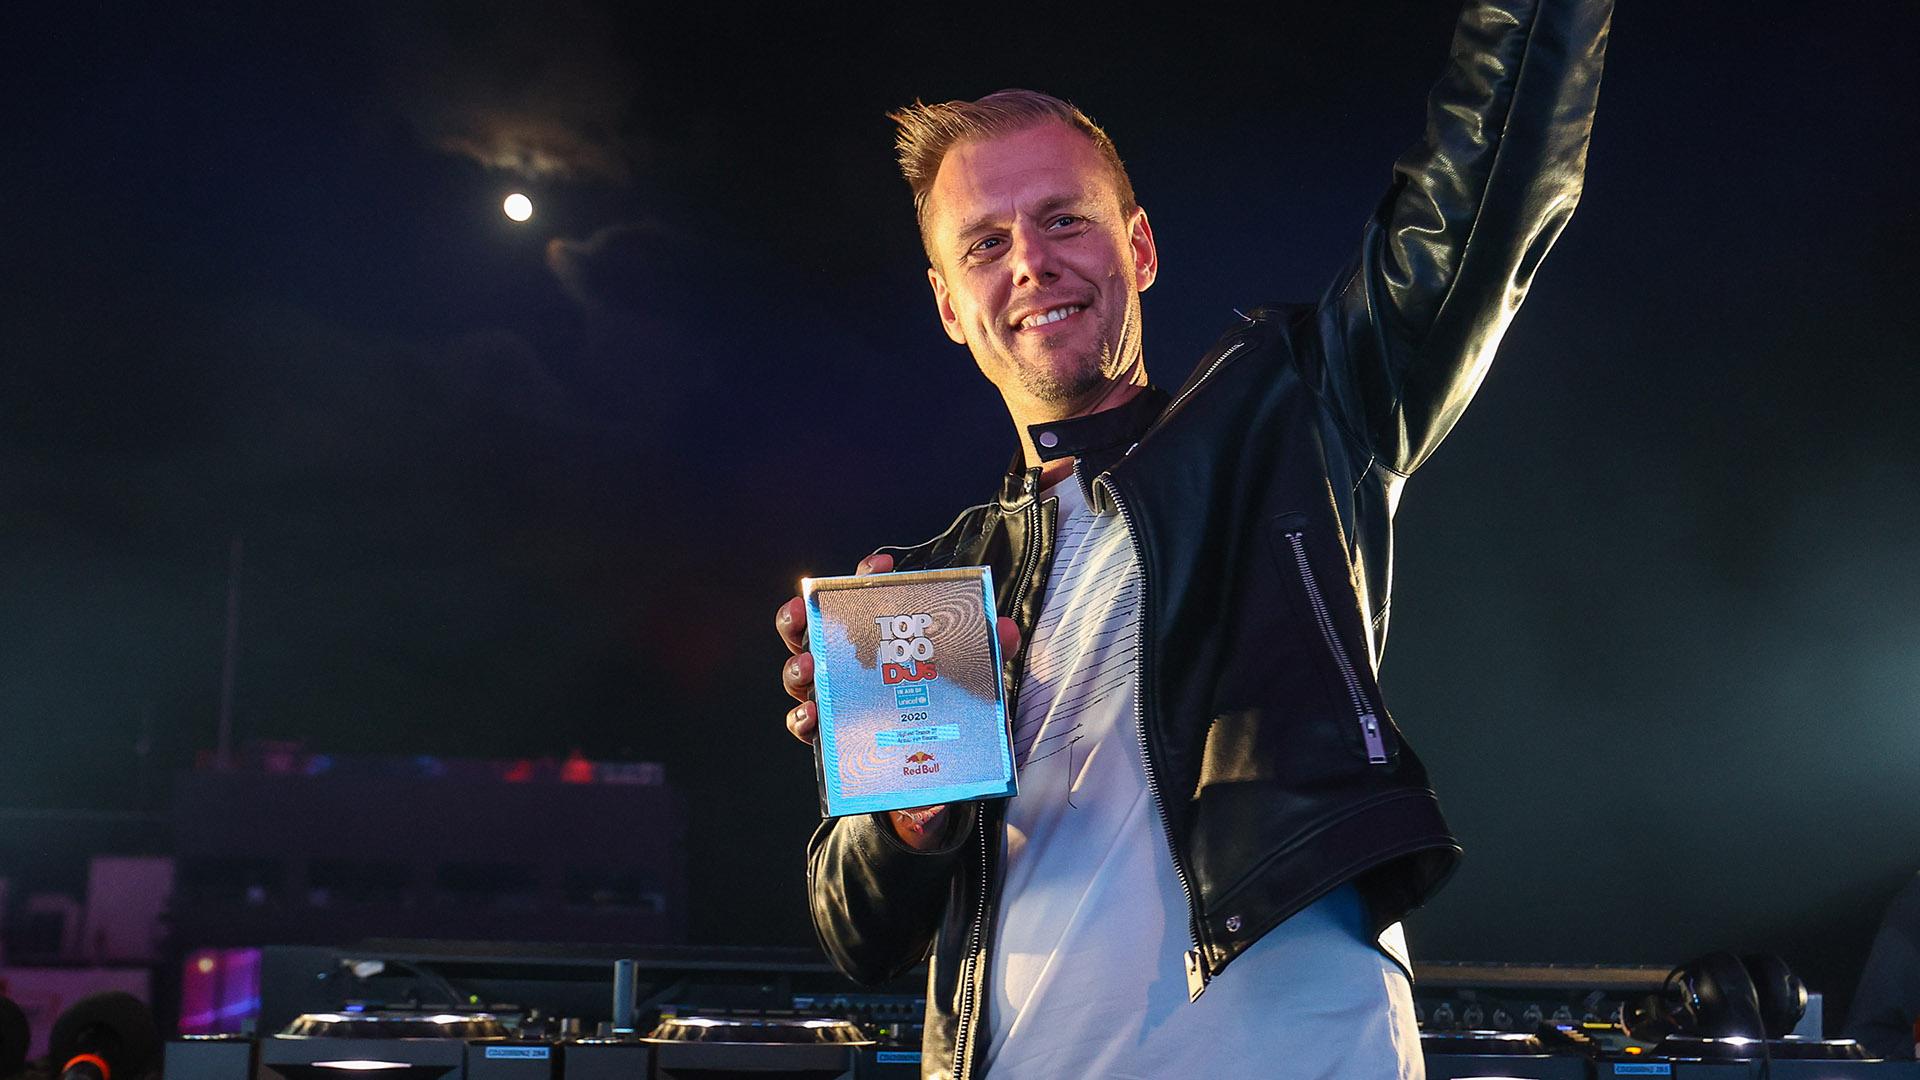 Armin van Buuren - 2020 DJ Mag Top 100